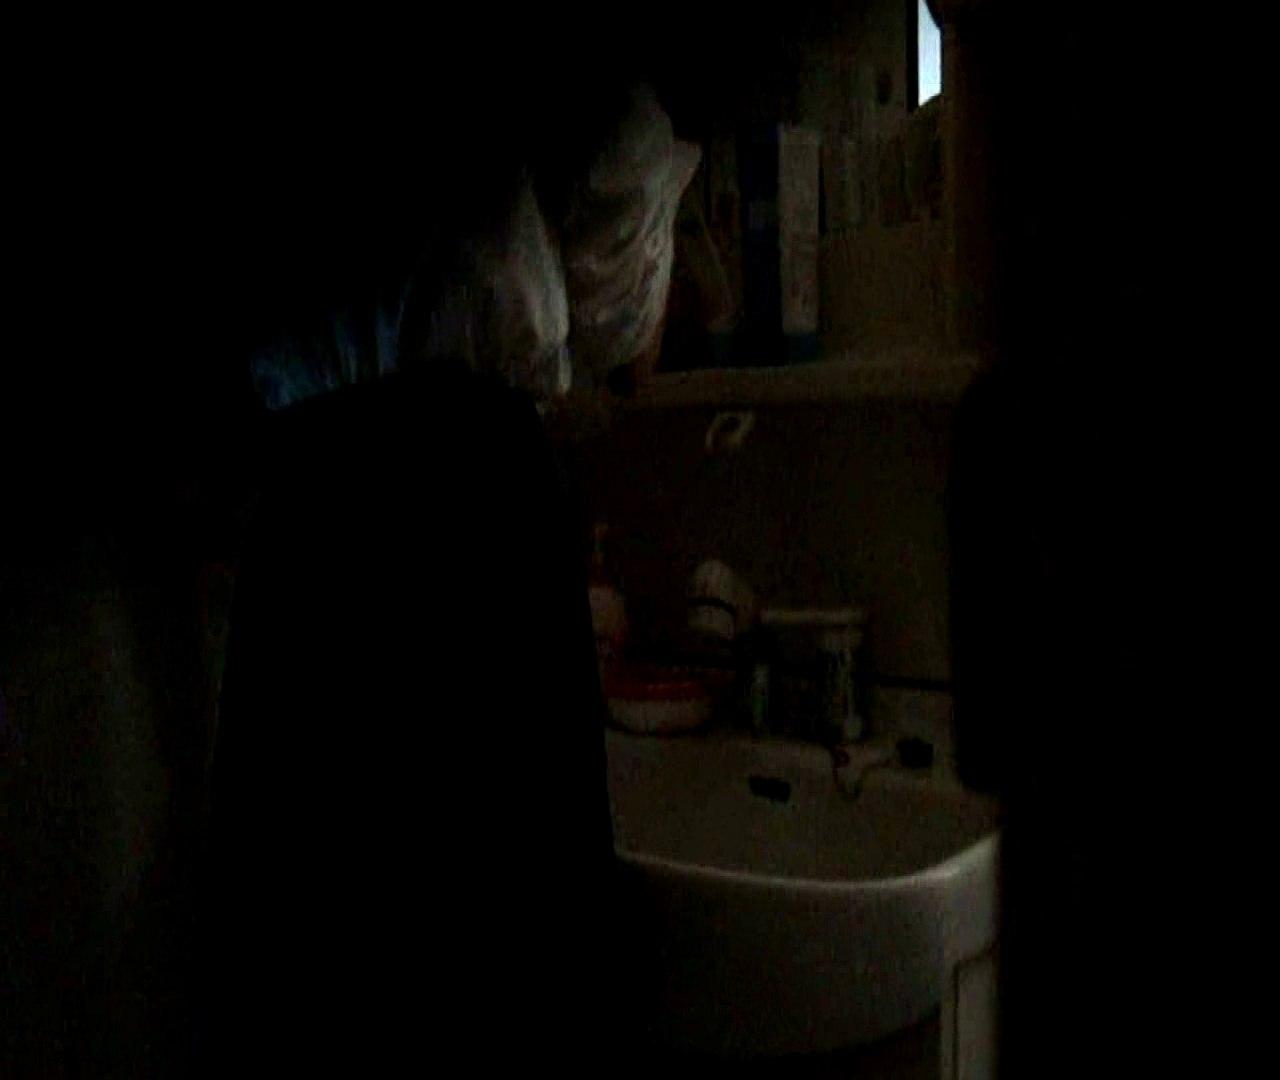 二人とも育てた甲斐がありました… vol.05 まどかが洗顔後にブラを洗濯 美しいOLの裸体 | 0  102pic 33